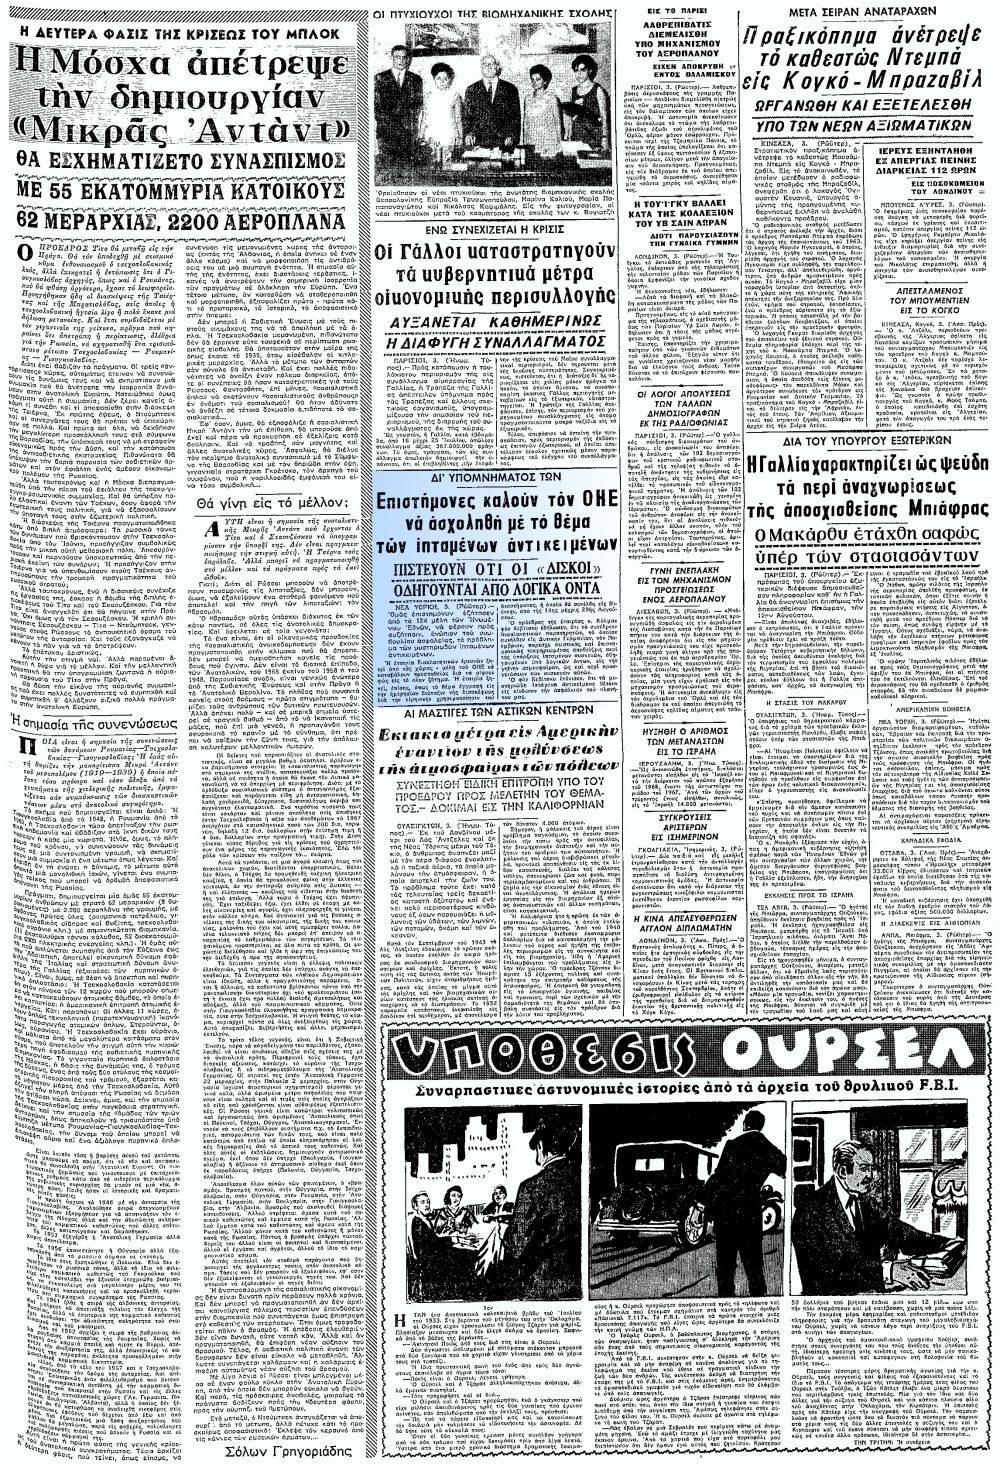 """Το άρθρο, όπως δημοσιεύθηκε στην εφημερίδα """"ΜΑΚΕΔΟΝΙΑ"""", στις 04/08/1968"""